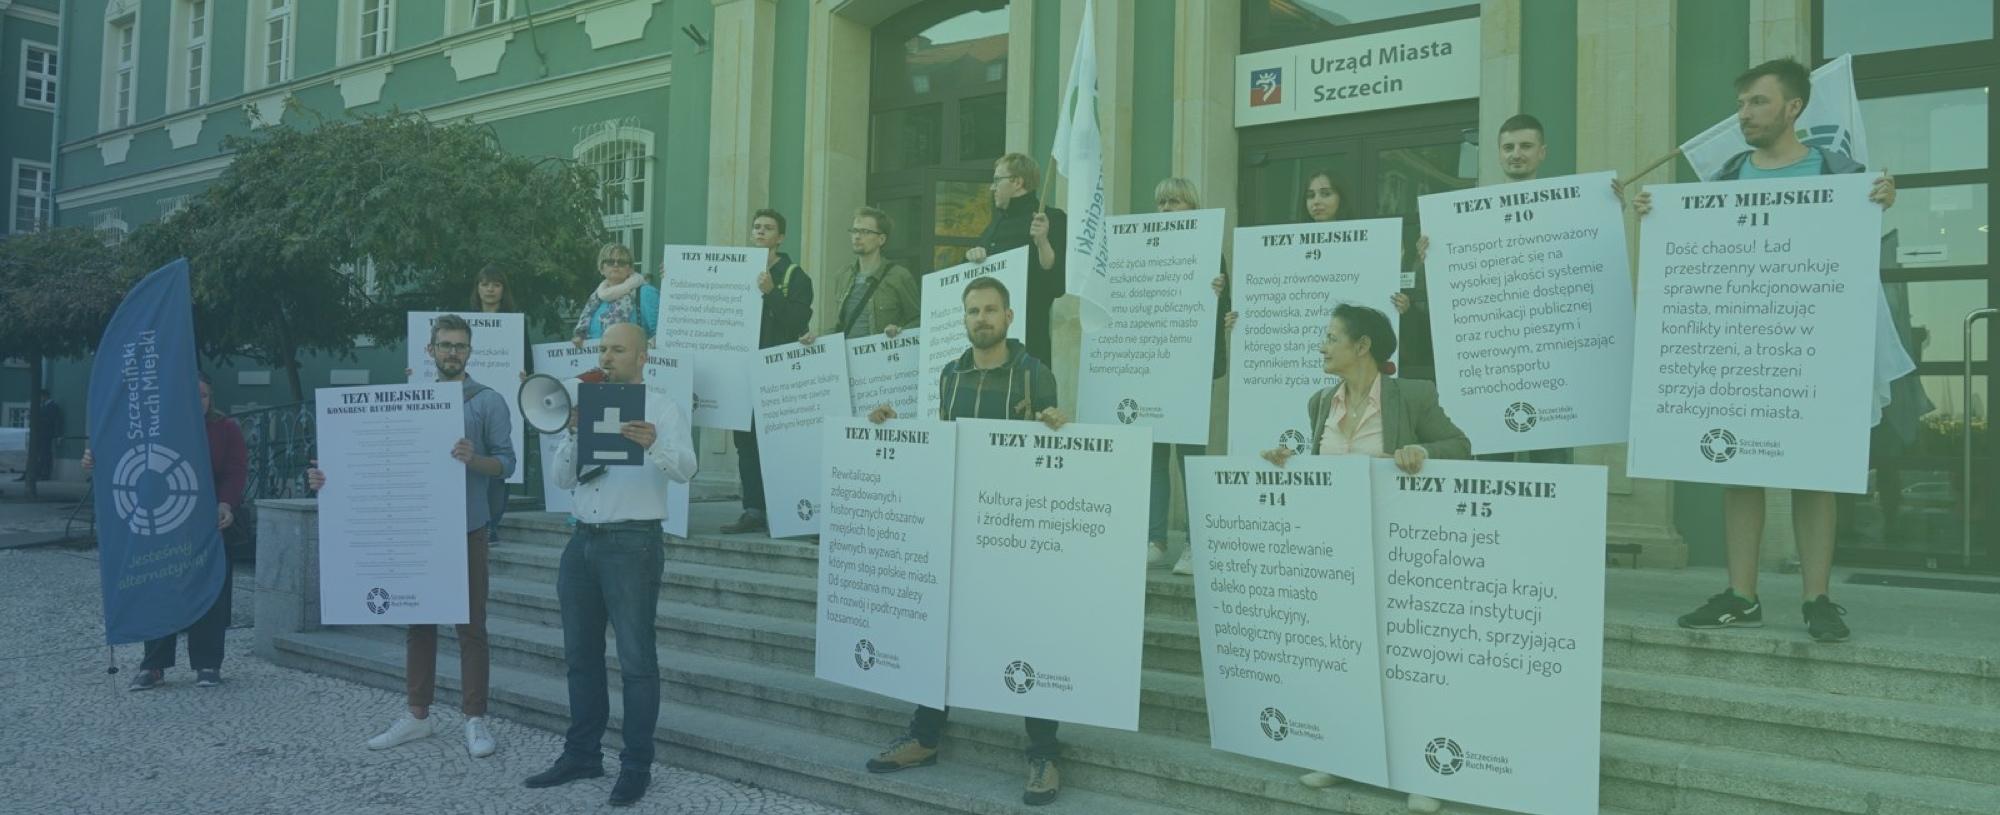 Szczeciński Ruch Miejski podpisuje się pod 15 tezami miejskimi